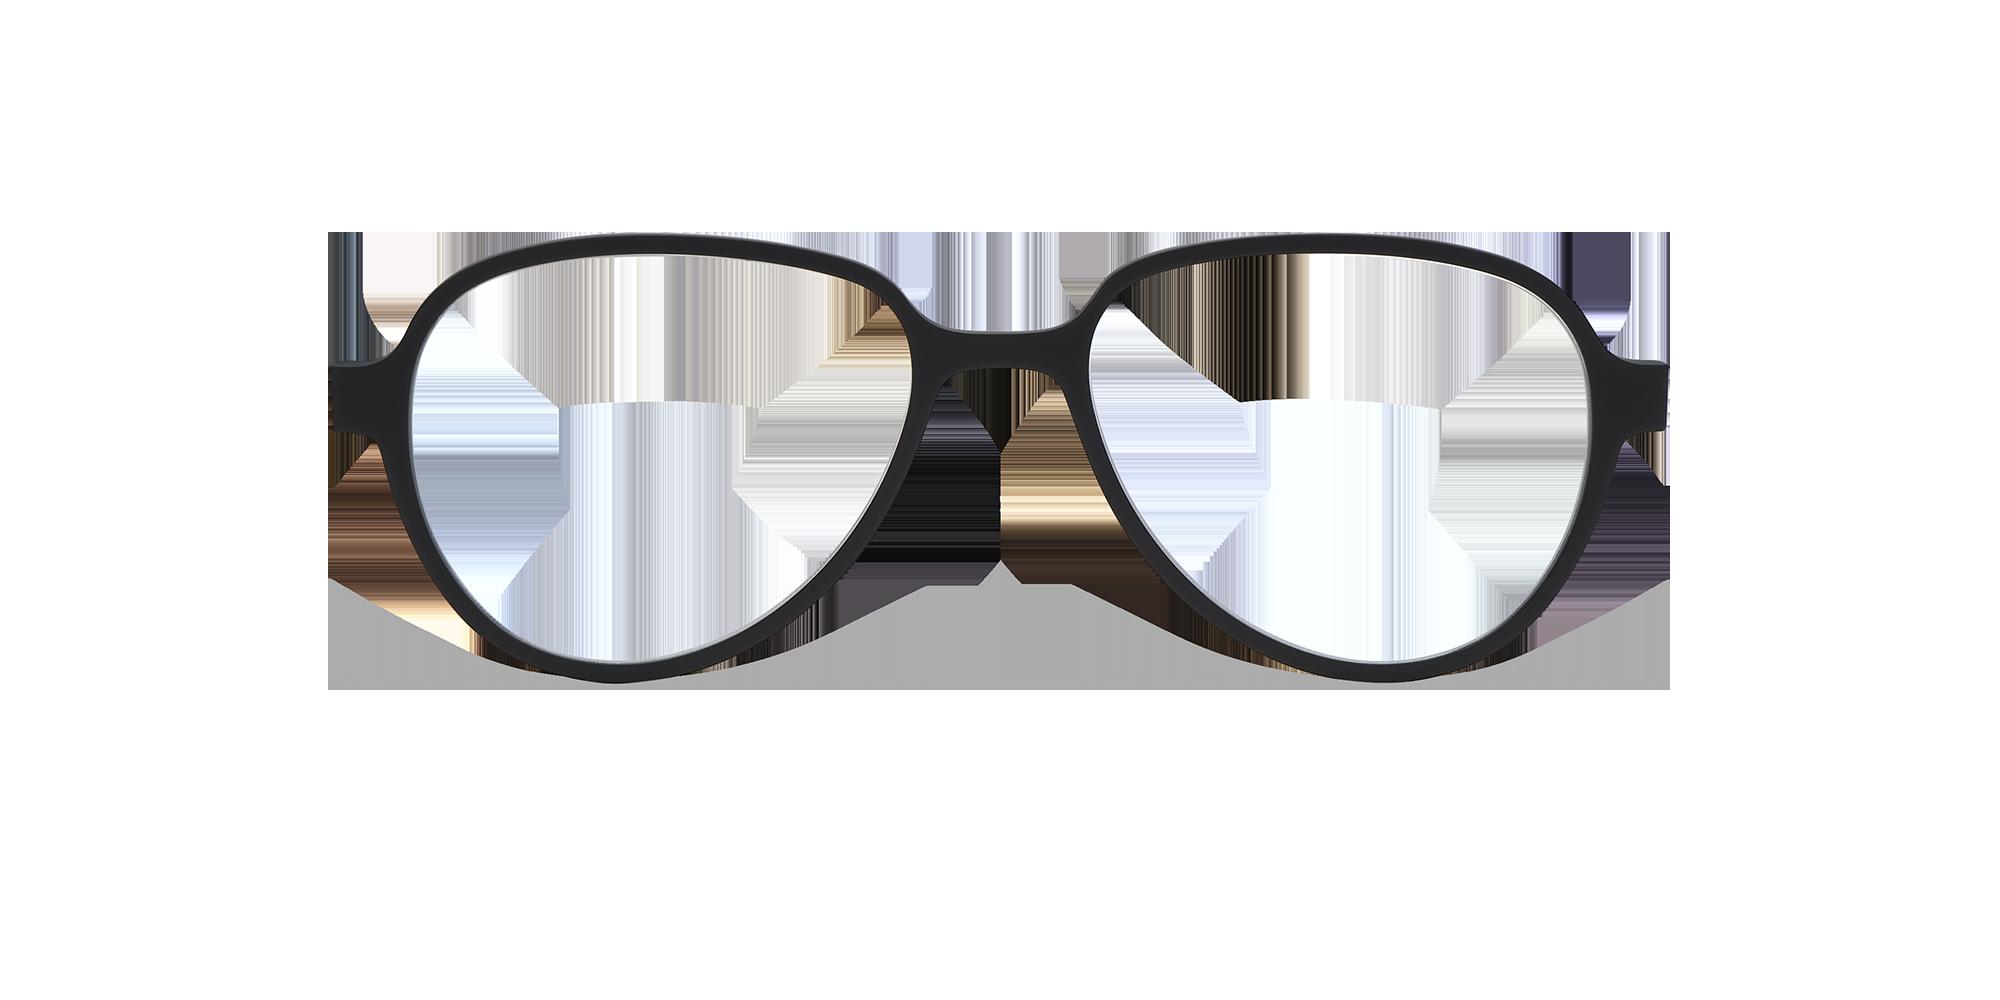 afflelou/france/products/smart_clip/clips_glasses/TMK43N2BK015417.png